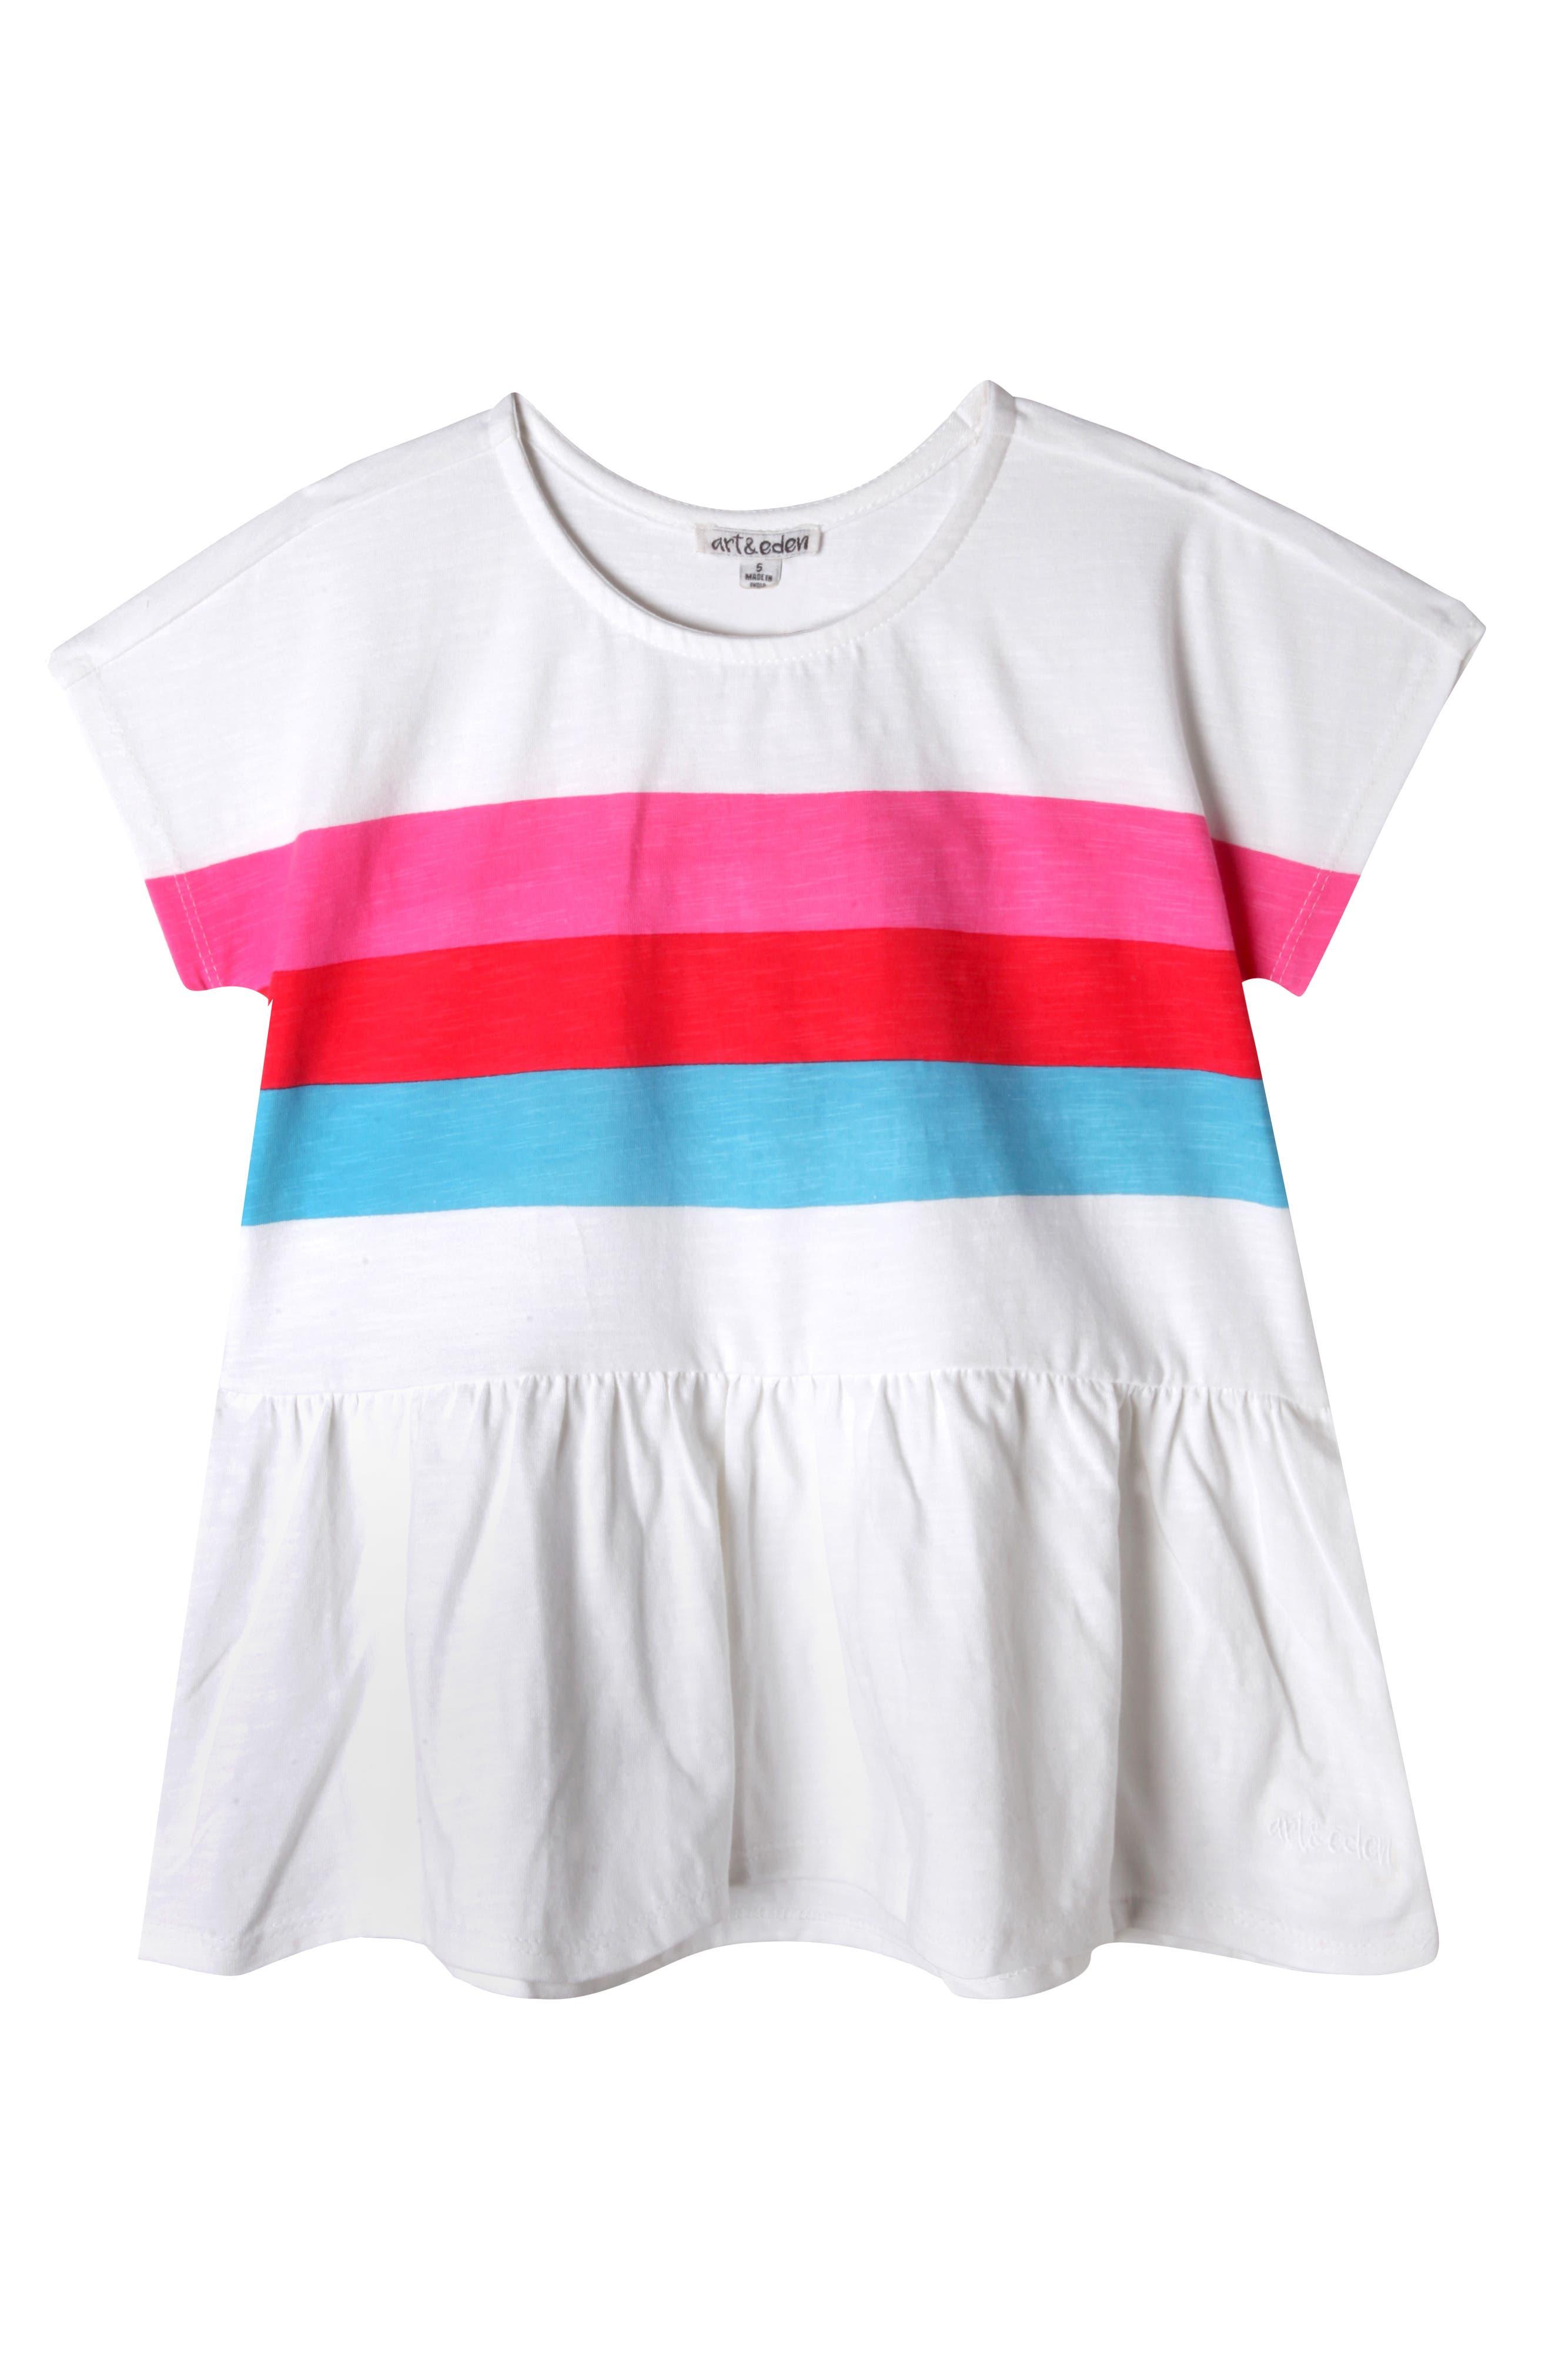 c820878f50 Kids  Art   Eden Apparel  T-Shirts